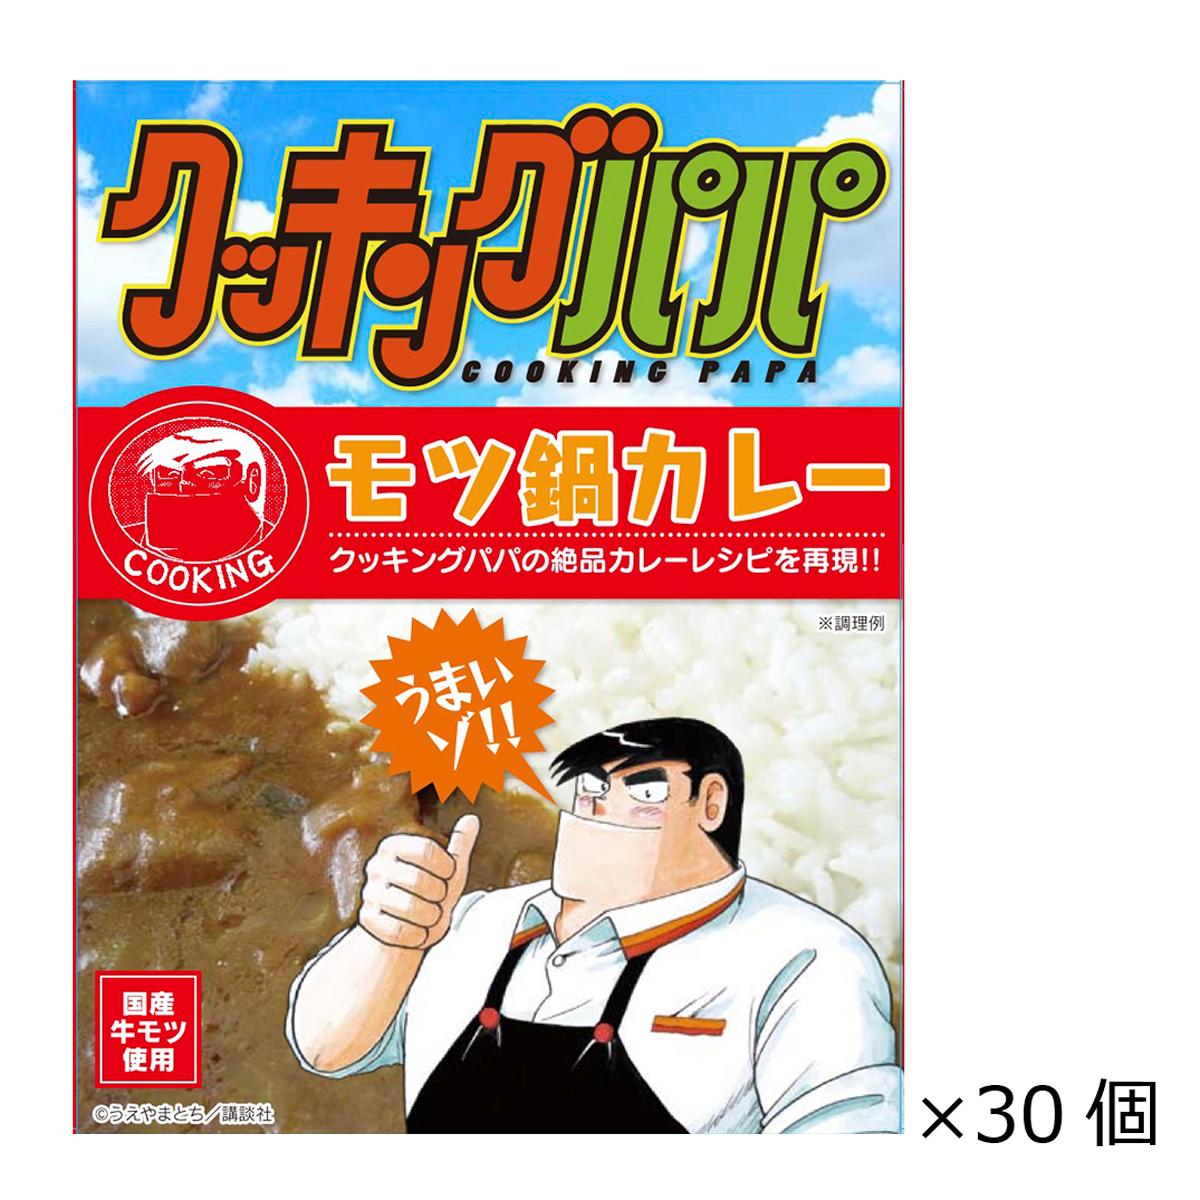 クッキングパパ モツ鍋カレー 30個 200g レトルトカレー 福岡県ご当地カレー 国産牛モツカレー まとめ買い